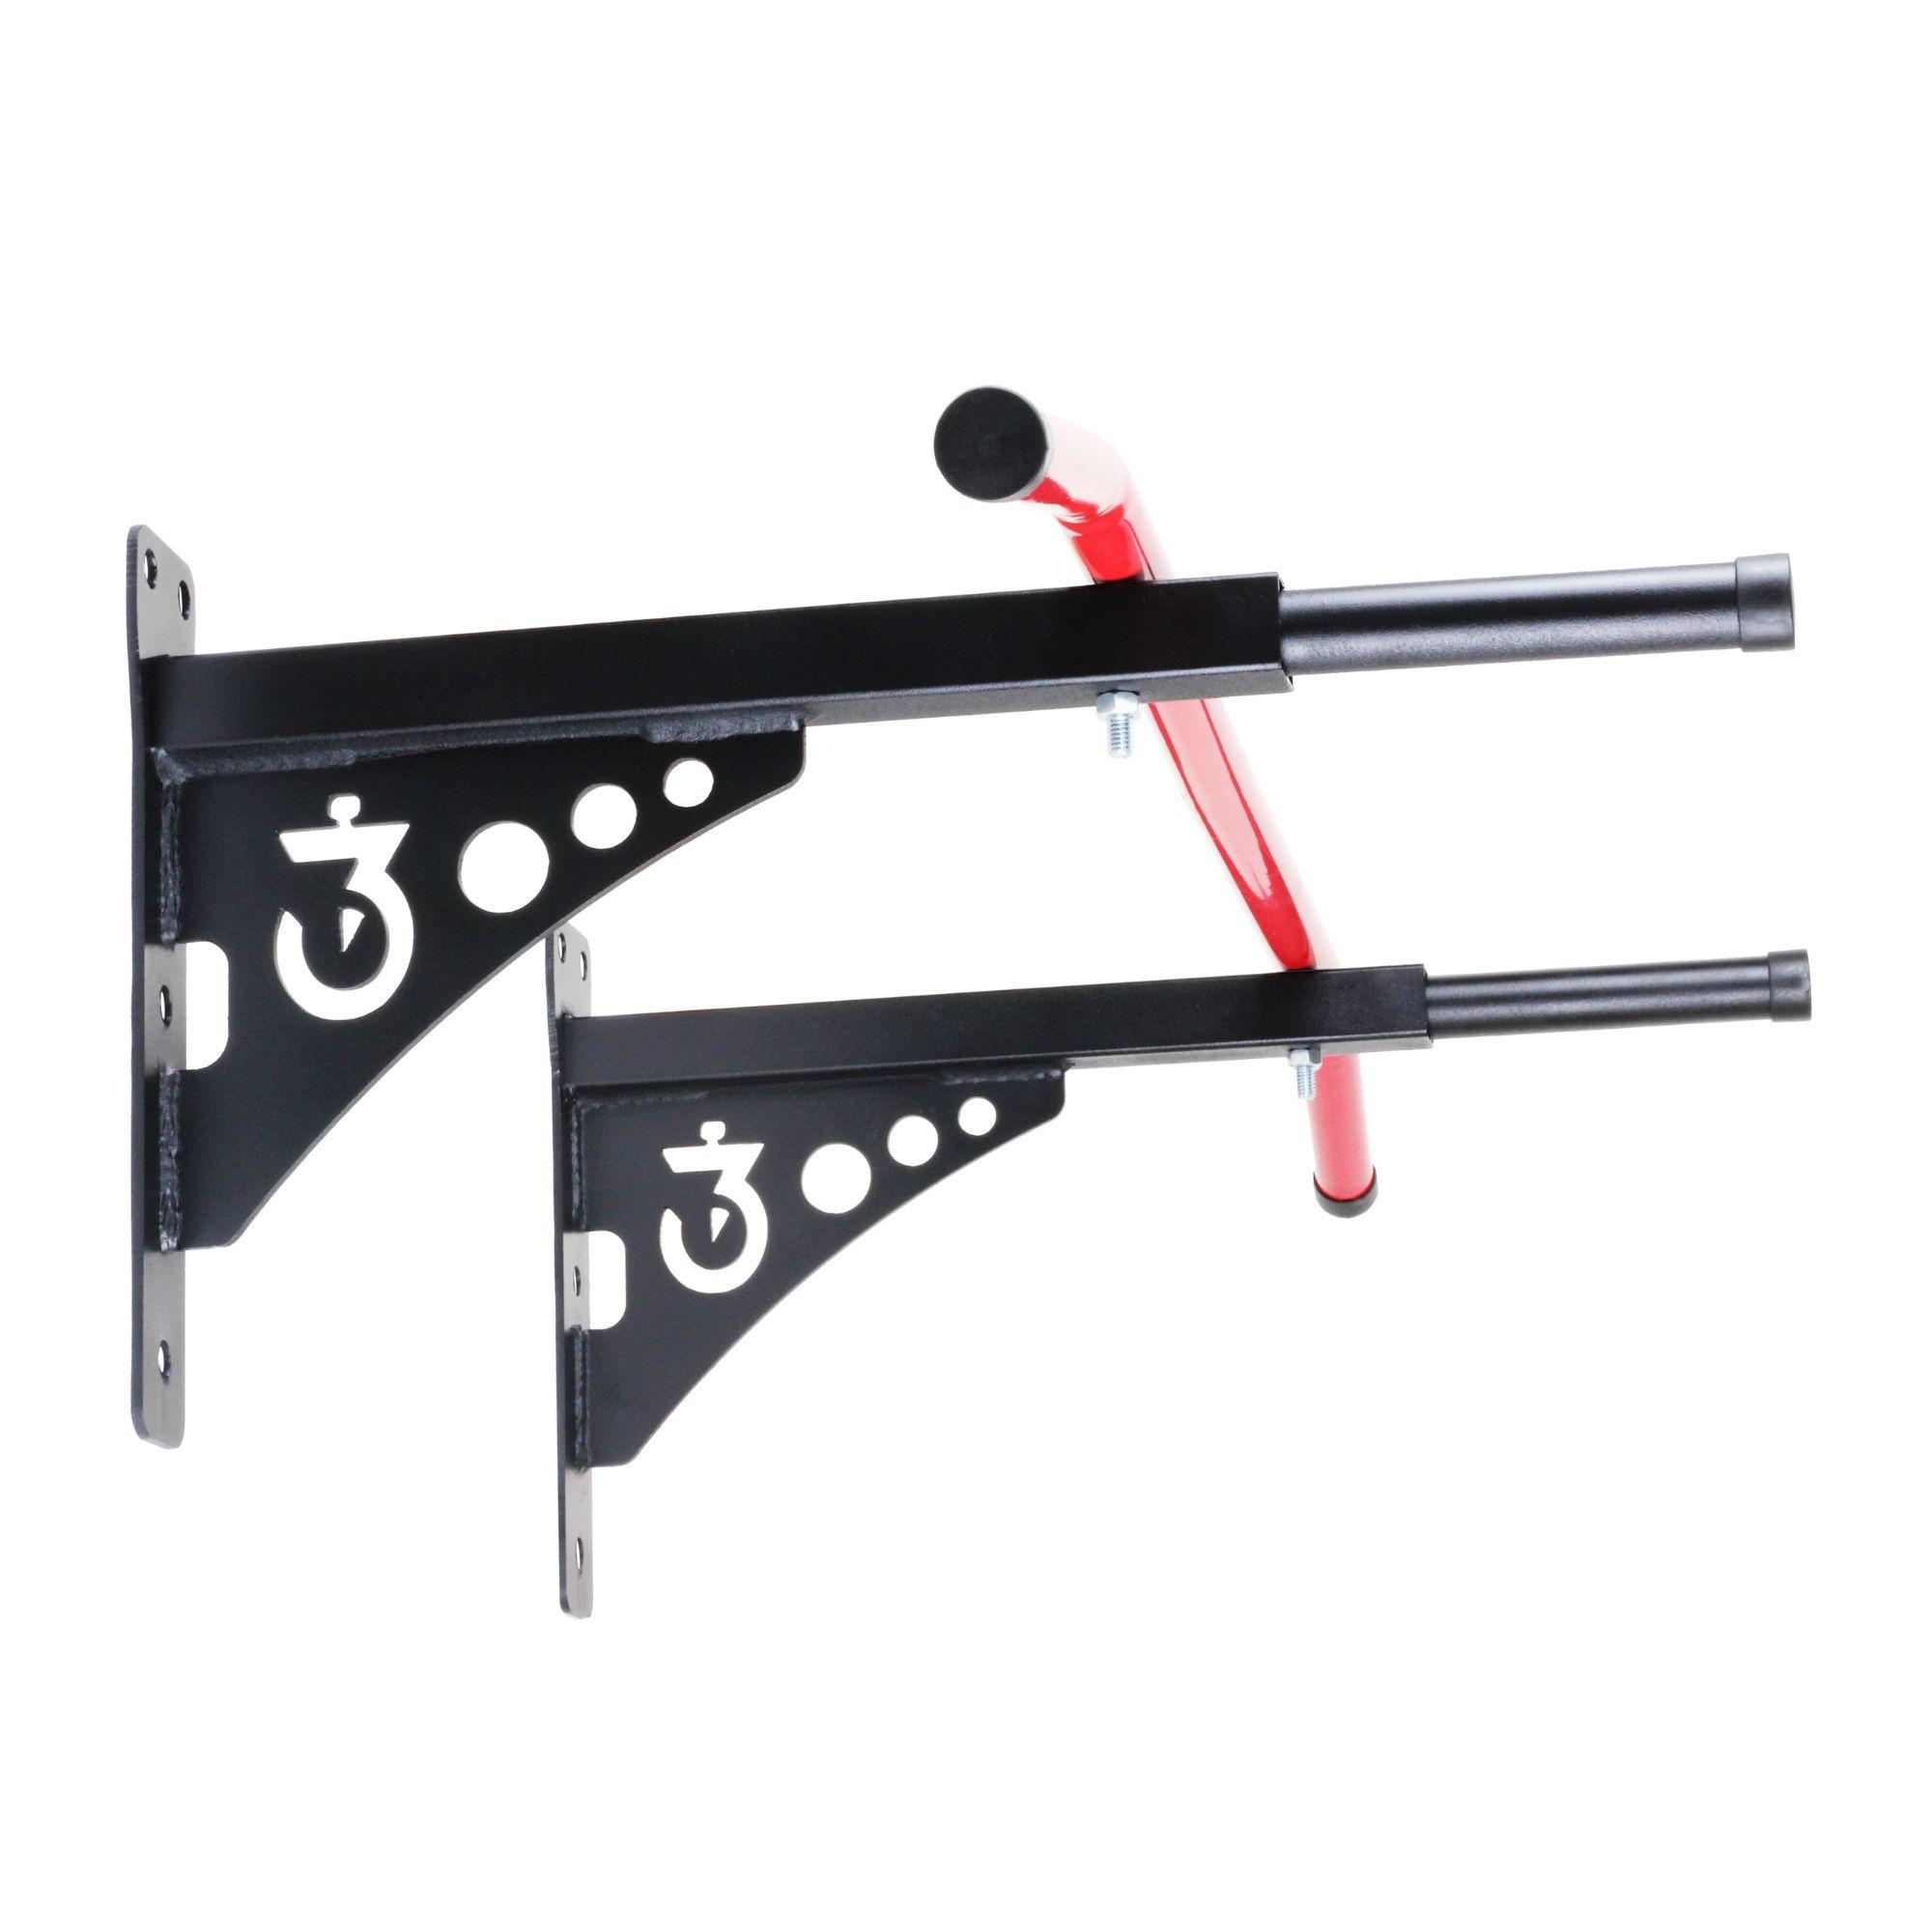 Barra Fixa De Parede Crossfit Pull-up Bar 2 em 1